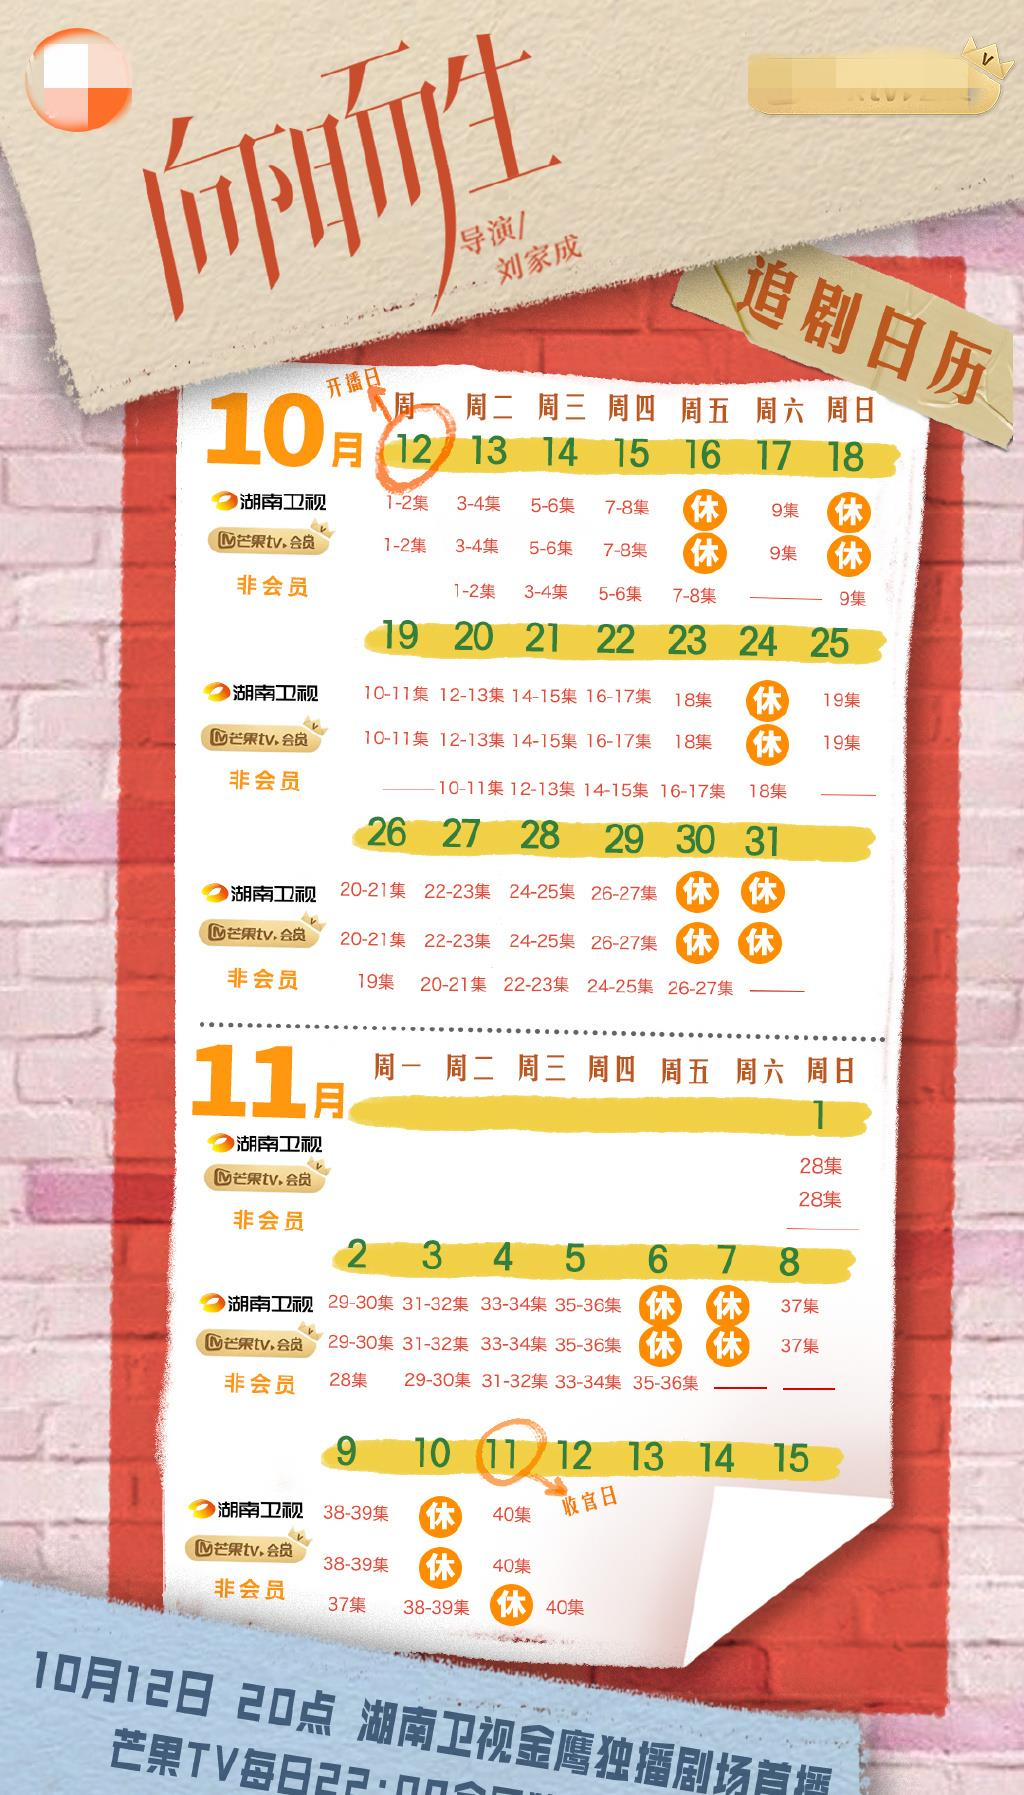 《視聽中國》官方賬號發佈:楊紫肖戰《餘生請多指教》即將開播!-圖3